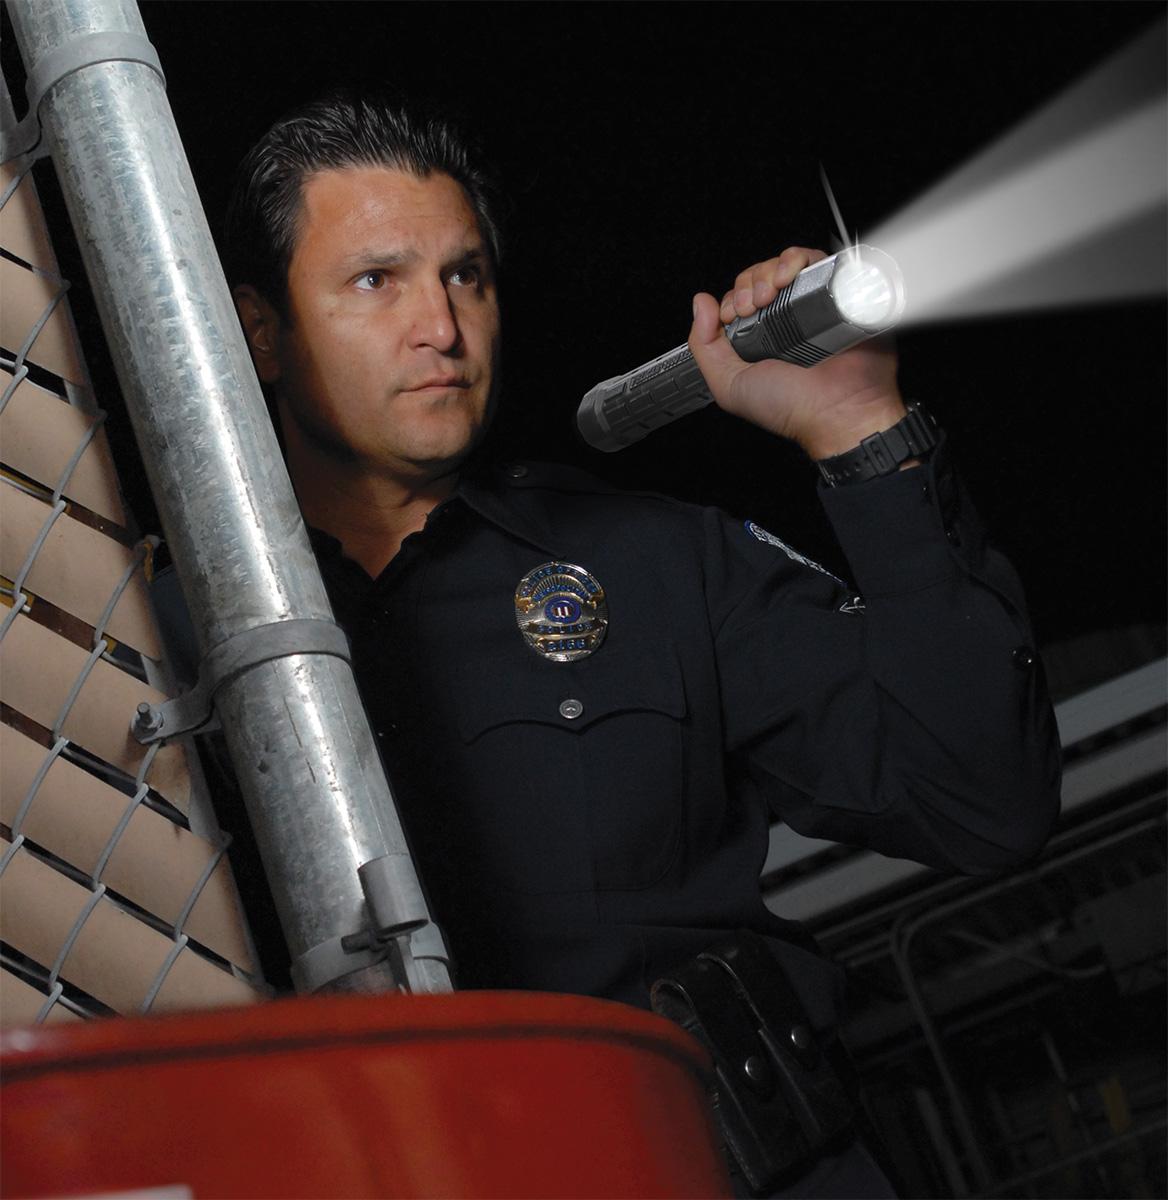 pelican peli products 8060 cop police nightstick mag flash light